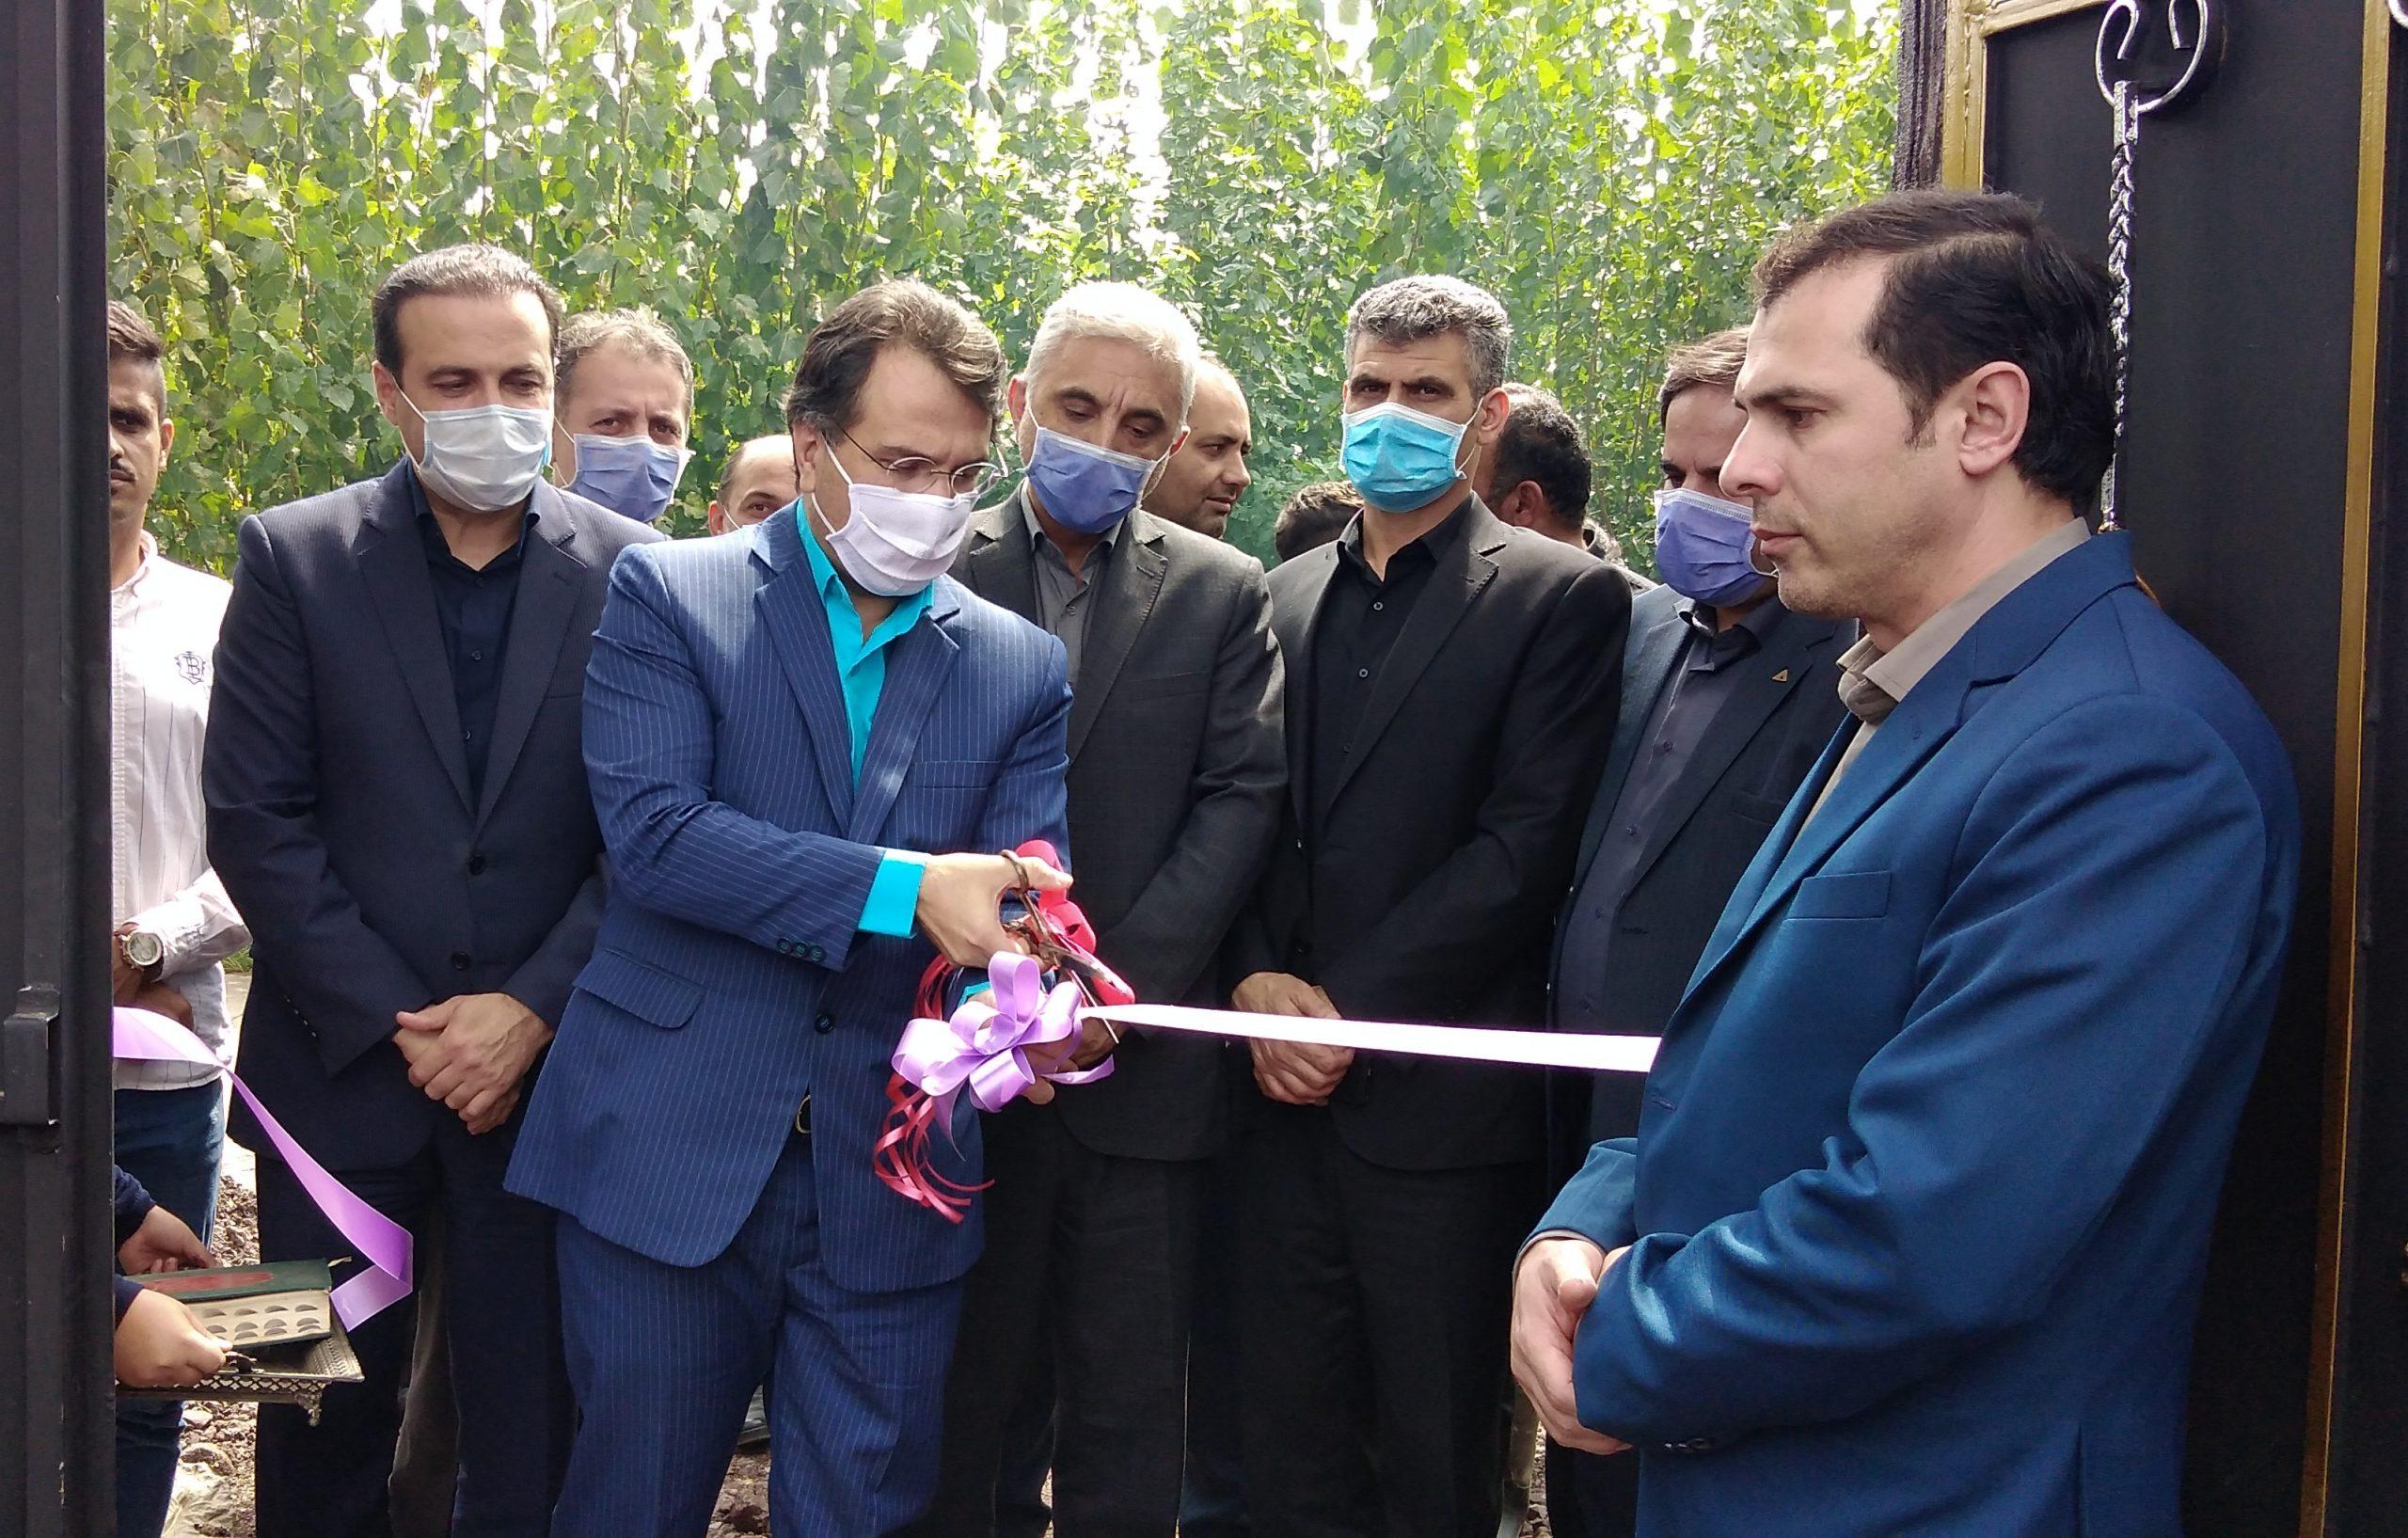 ۳۳ پروژه عمرانی، آموزشی وخدماتی در صومعه سرا به بهره برداری رسید.